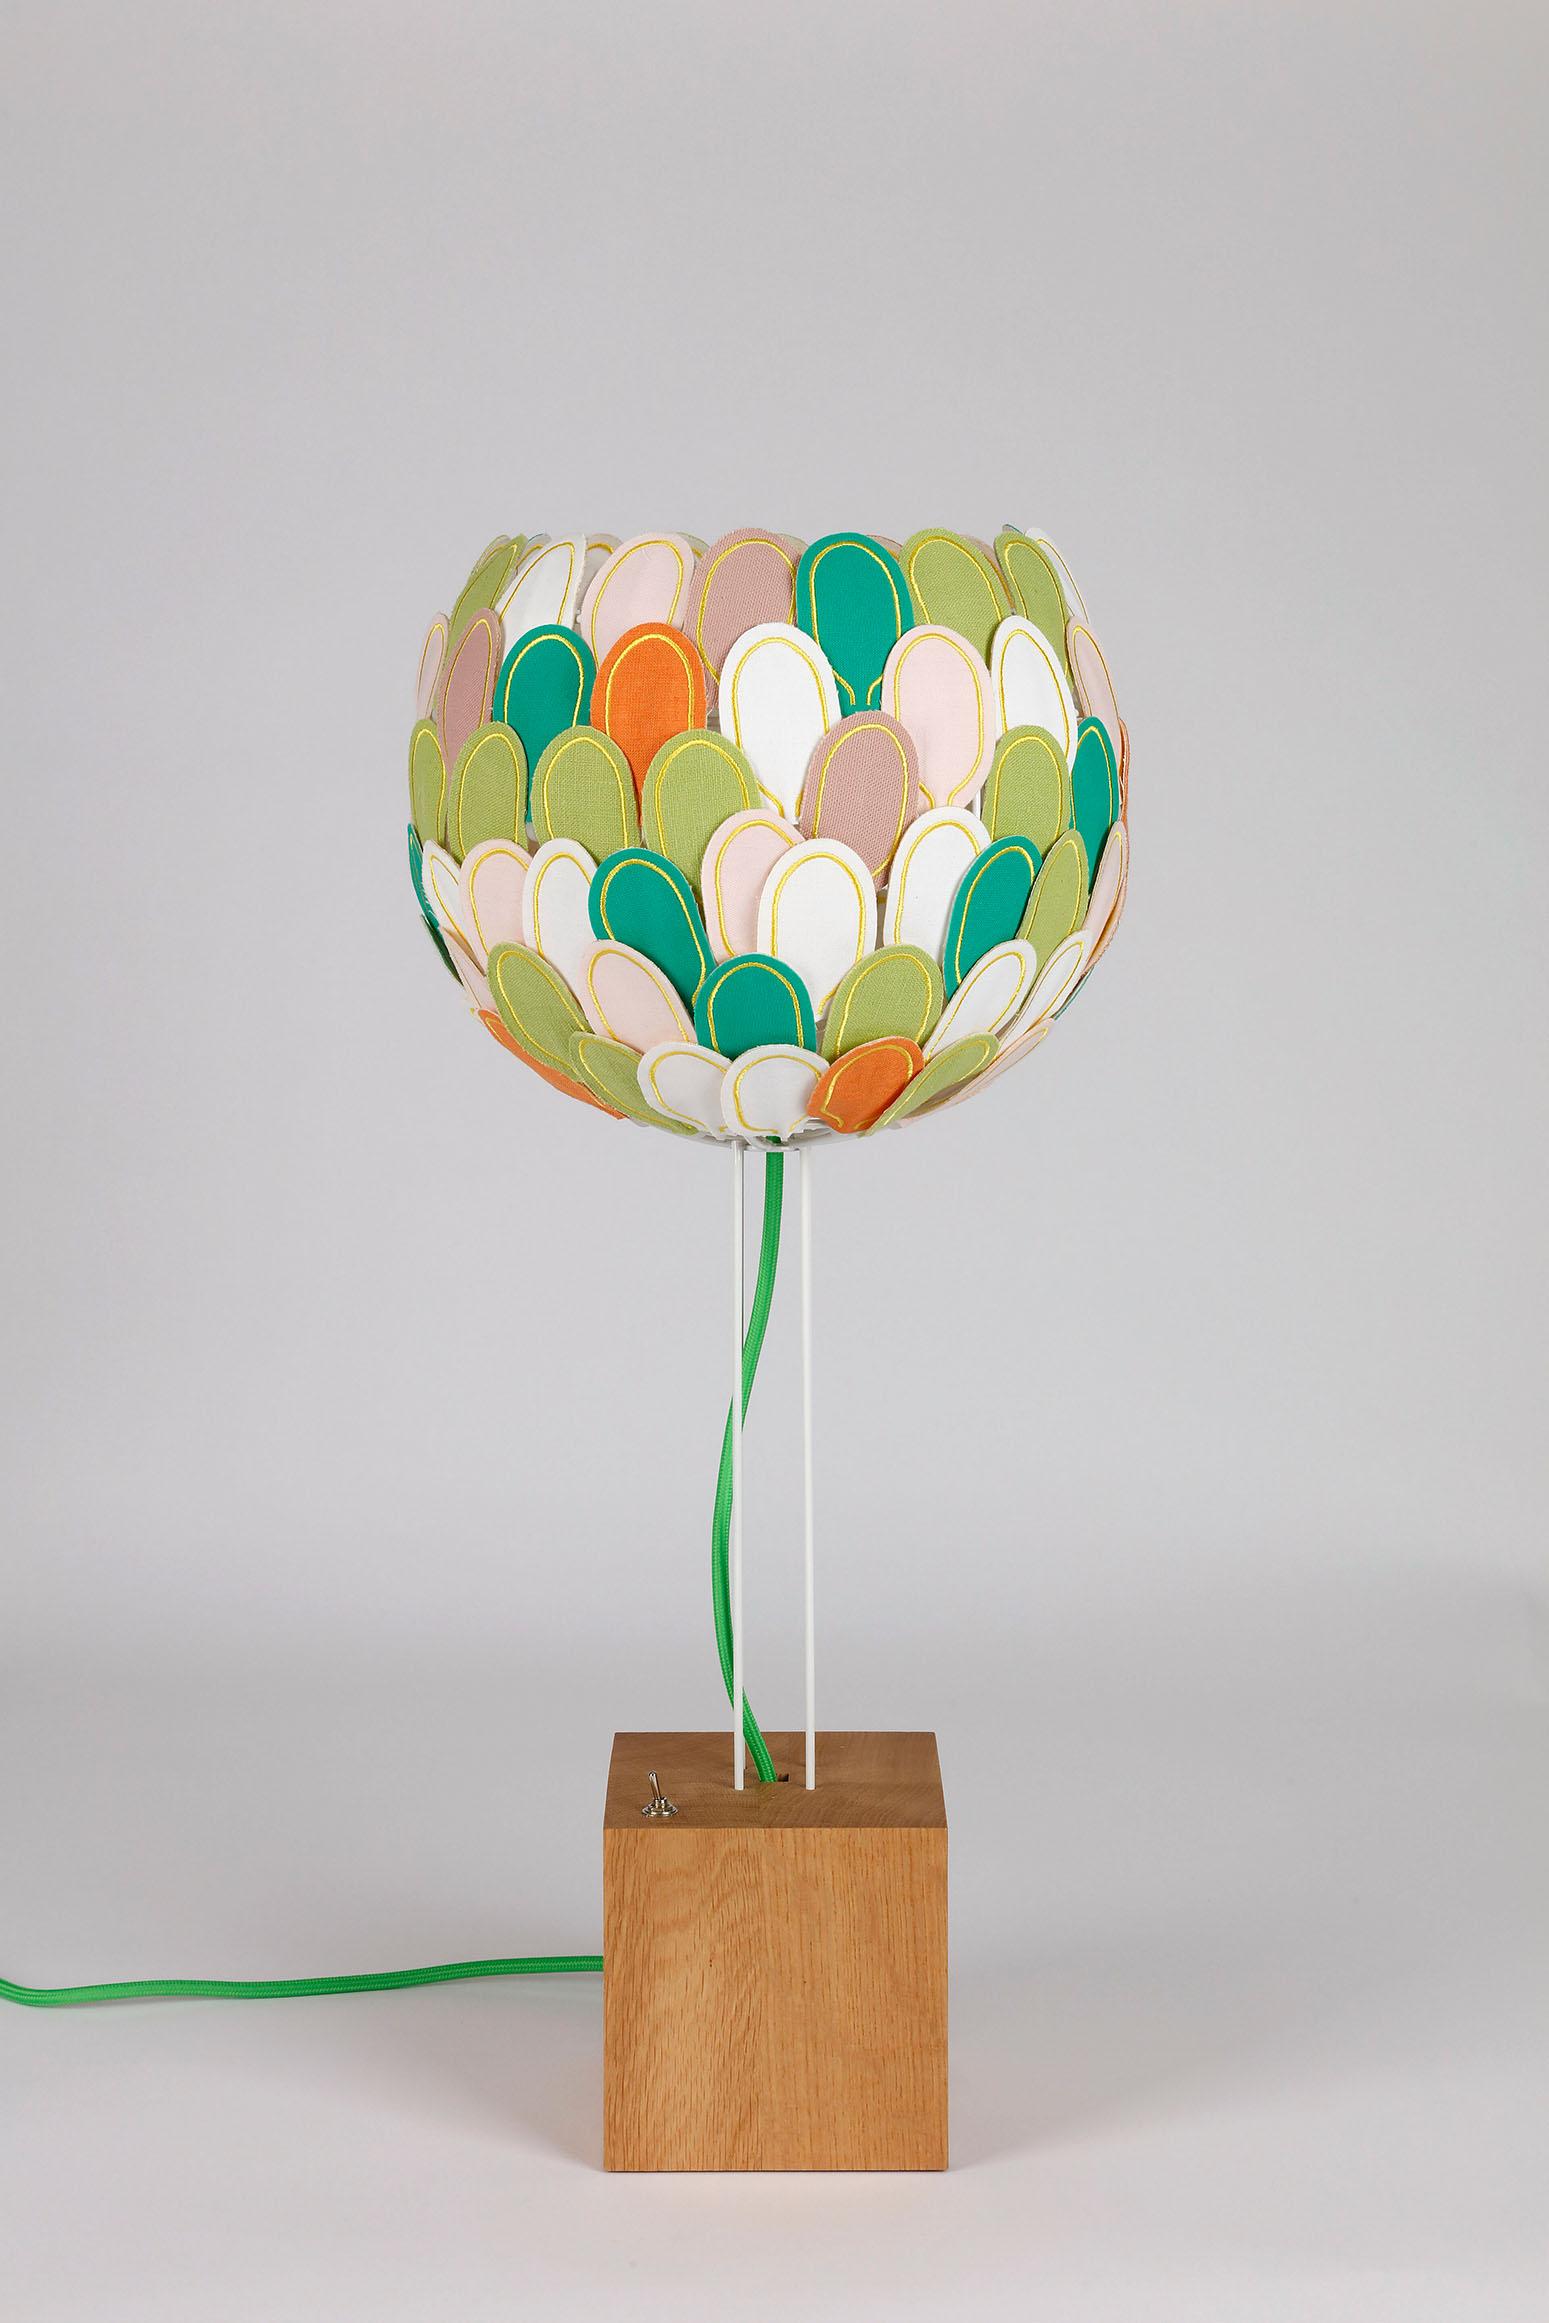 Lampe à poser Olea, Millie Baudequin, luminaire chic et éco-responsable.